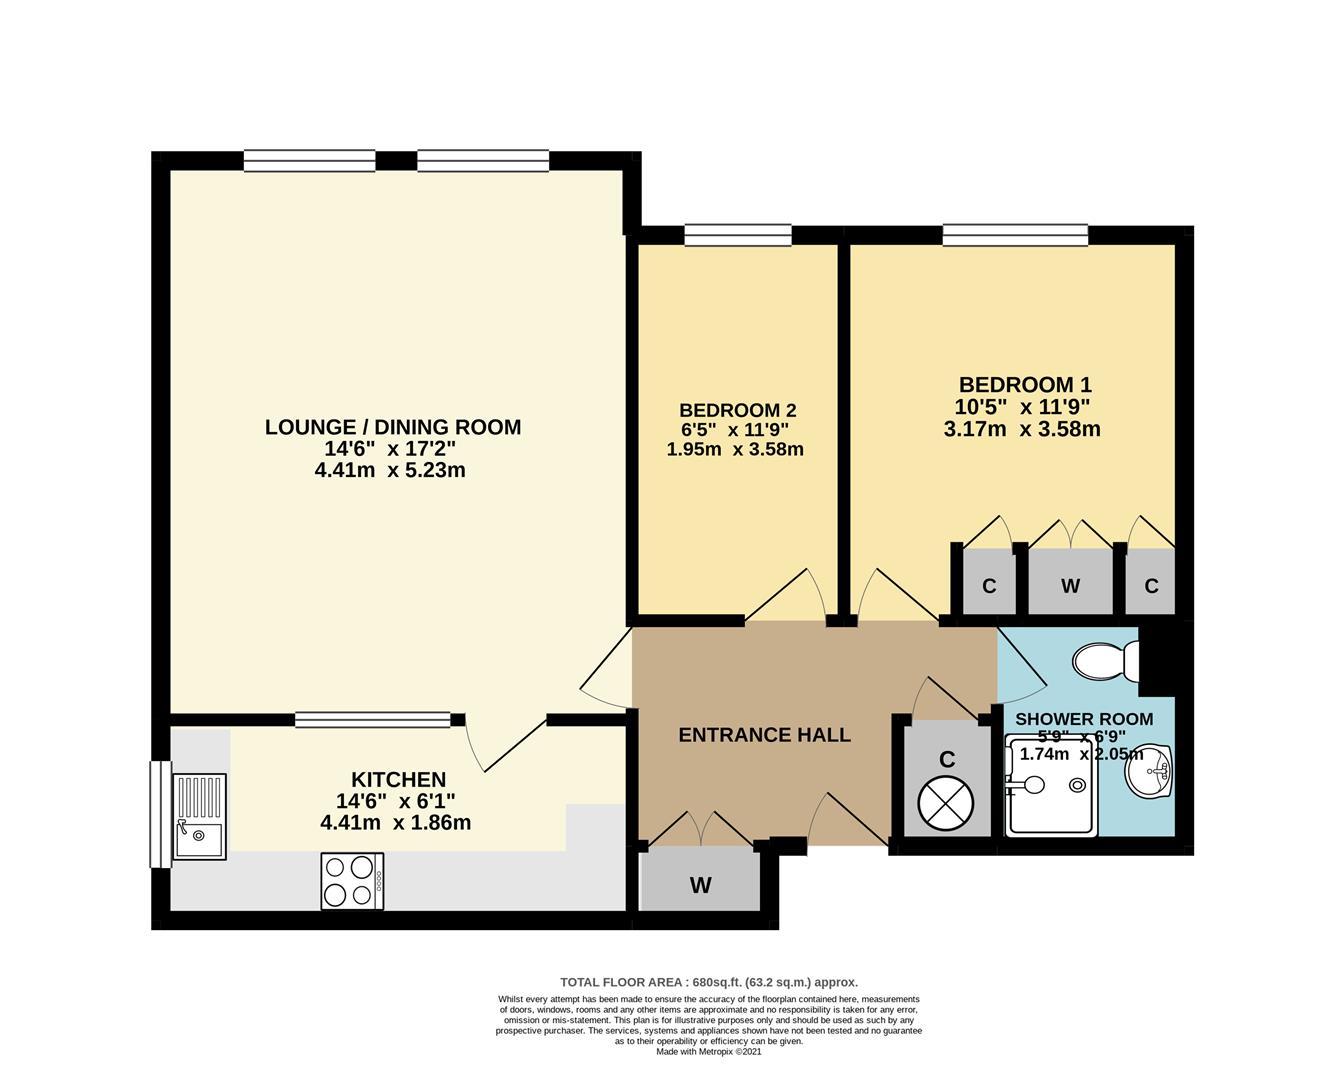 Floorplan - 2 Bed - Cotsmoor, St Albans